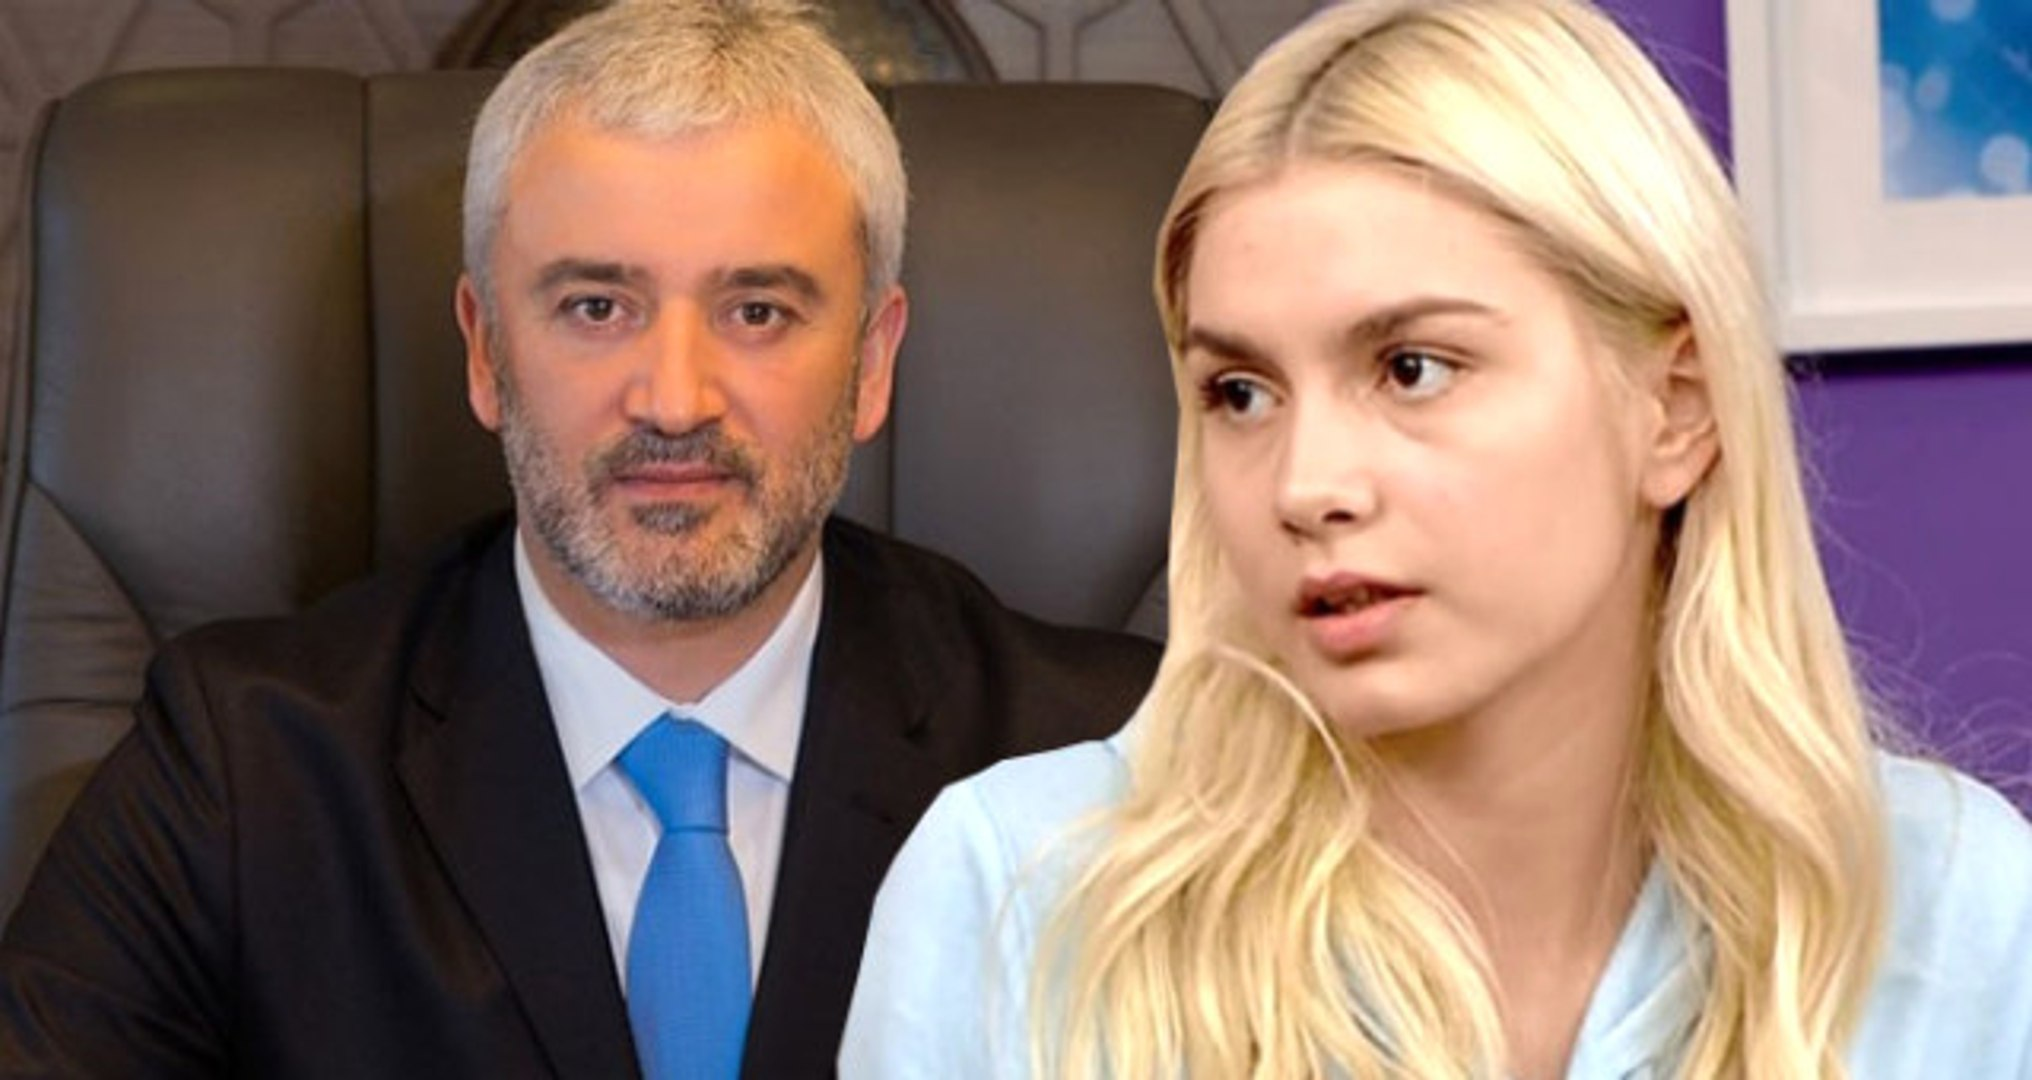 Ordu Belediye Başkanı'nı Enver Yılmaz'ın İstifa Tweeti Akıllara Aleyna Tilki'yi Getir